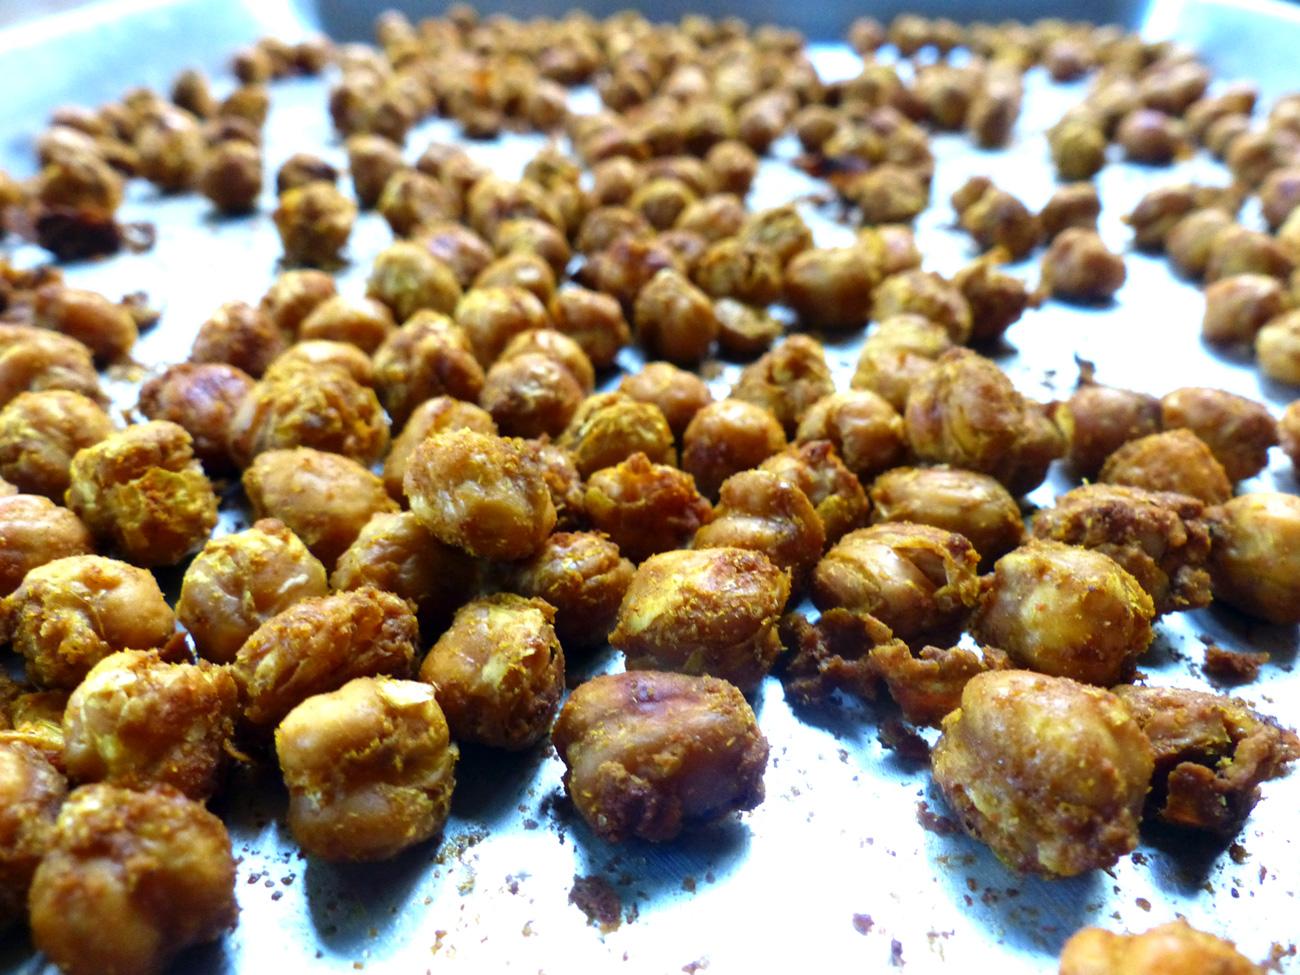 Crispy, fiery nuggets of crunch heaven